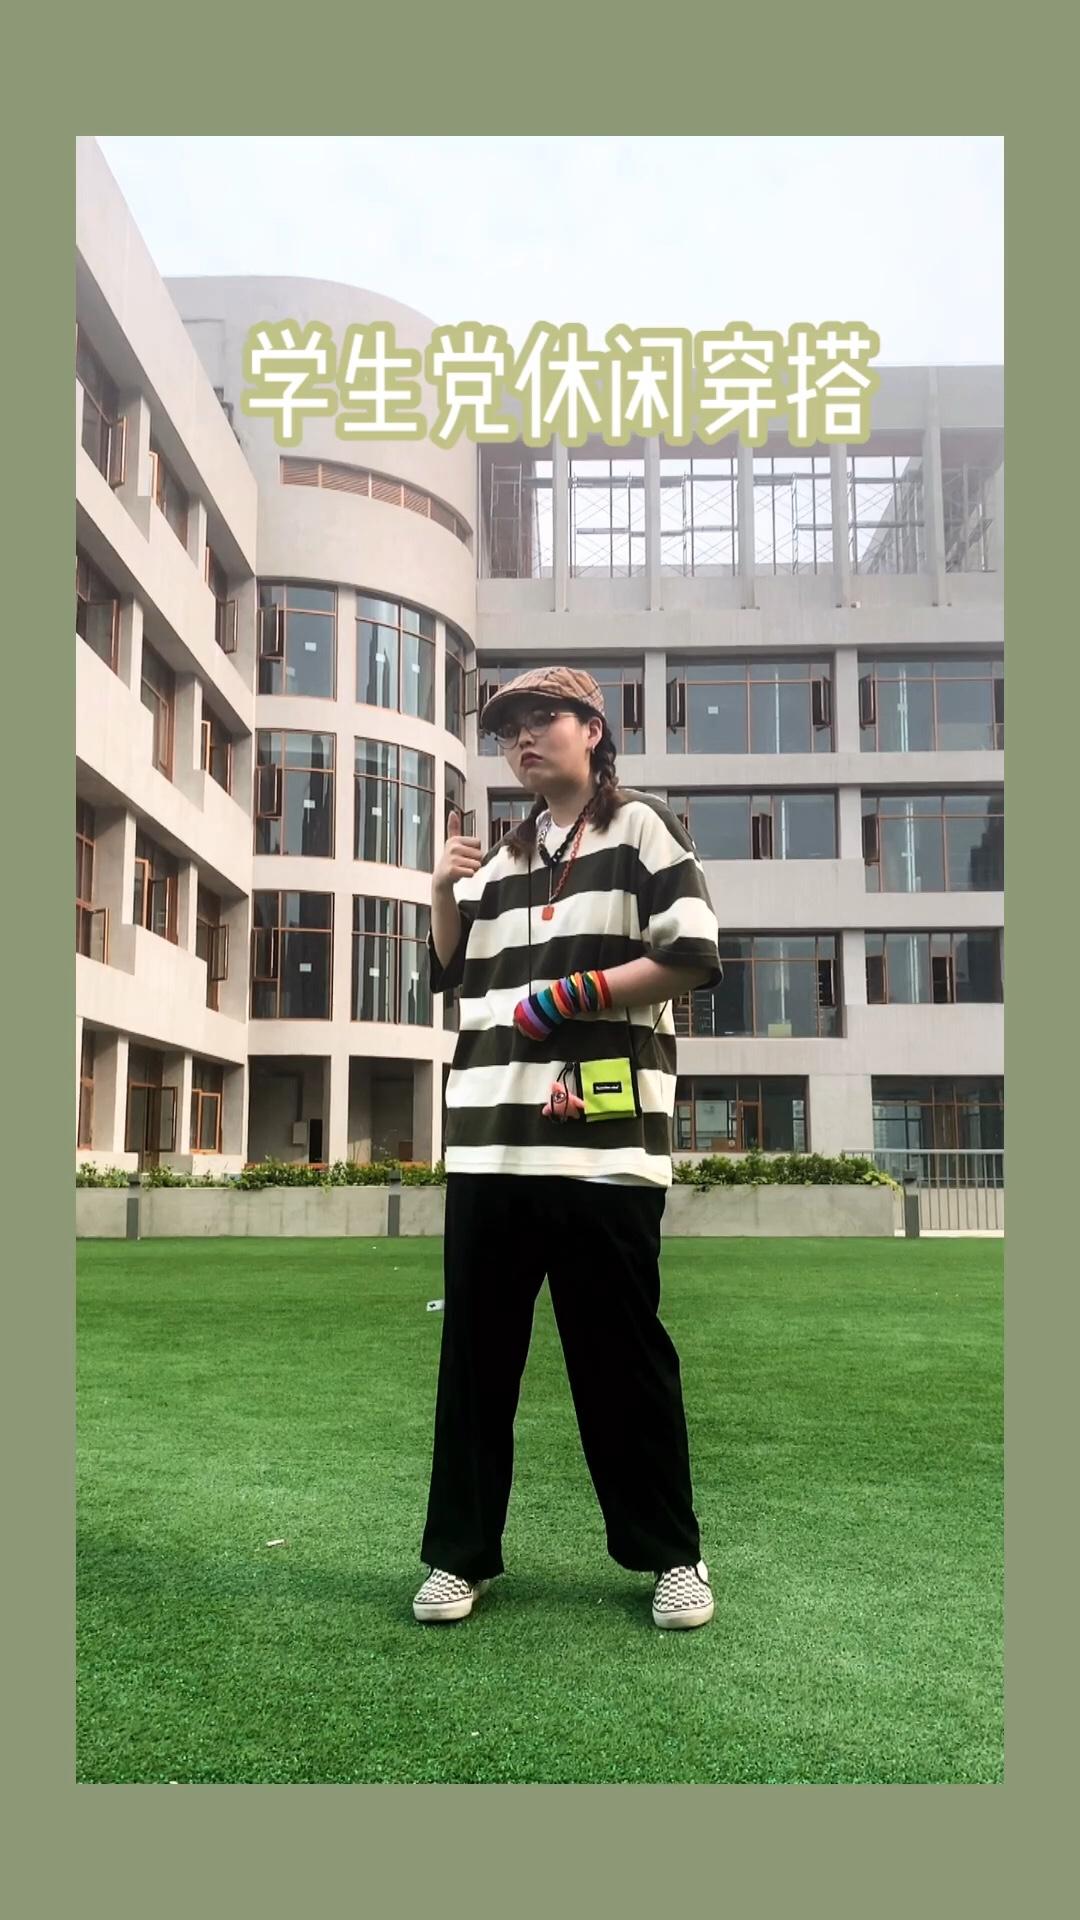 #私藏plmm穿搭,太可了!# 👔:proteus 👖:samesame 👟:vans 🎒:热呈  这套穿搭我觉得超级可!绿白条纹经典工装女孩的颜色!绿色也是超级显白的!这条黑色直筒裤也是微胖女孩的首选,穿上它腿型立马变直!谁穿谁就要爱上了!再来顶复古的贝雷帽,挎上小斜挎包,就可以出街啦! 好啦,如果你喜欢我的穿搭,就快点赞➕关注吧!